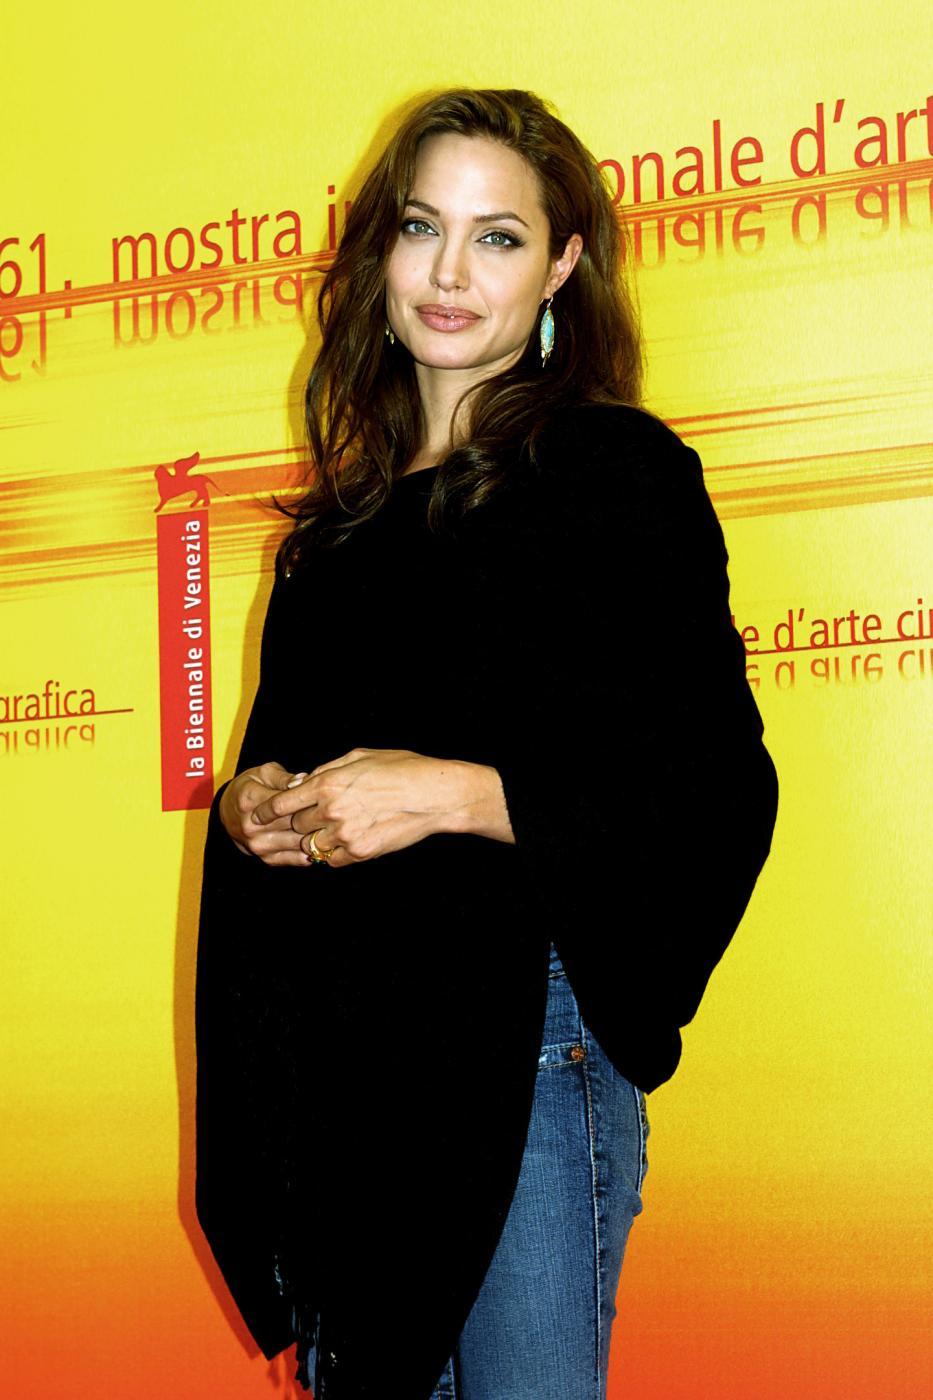 Angelina Jolie, com'era e com'è. L'attrice compie 40 anni FOTO 15